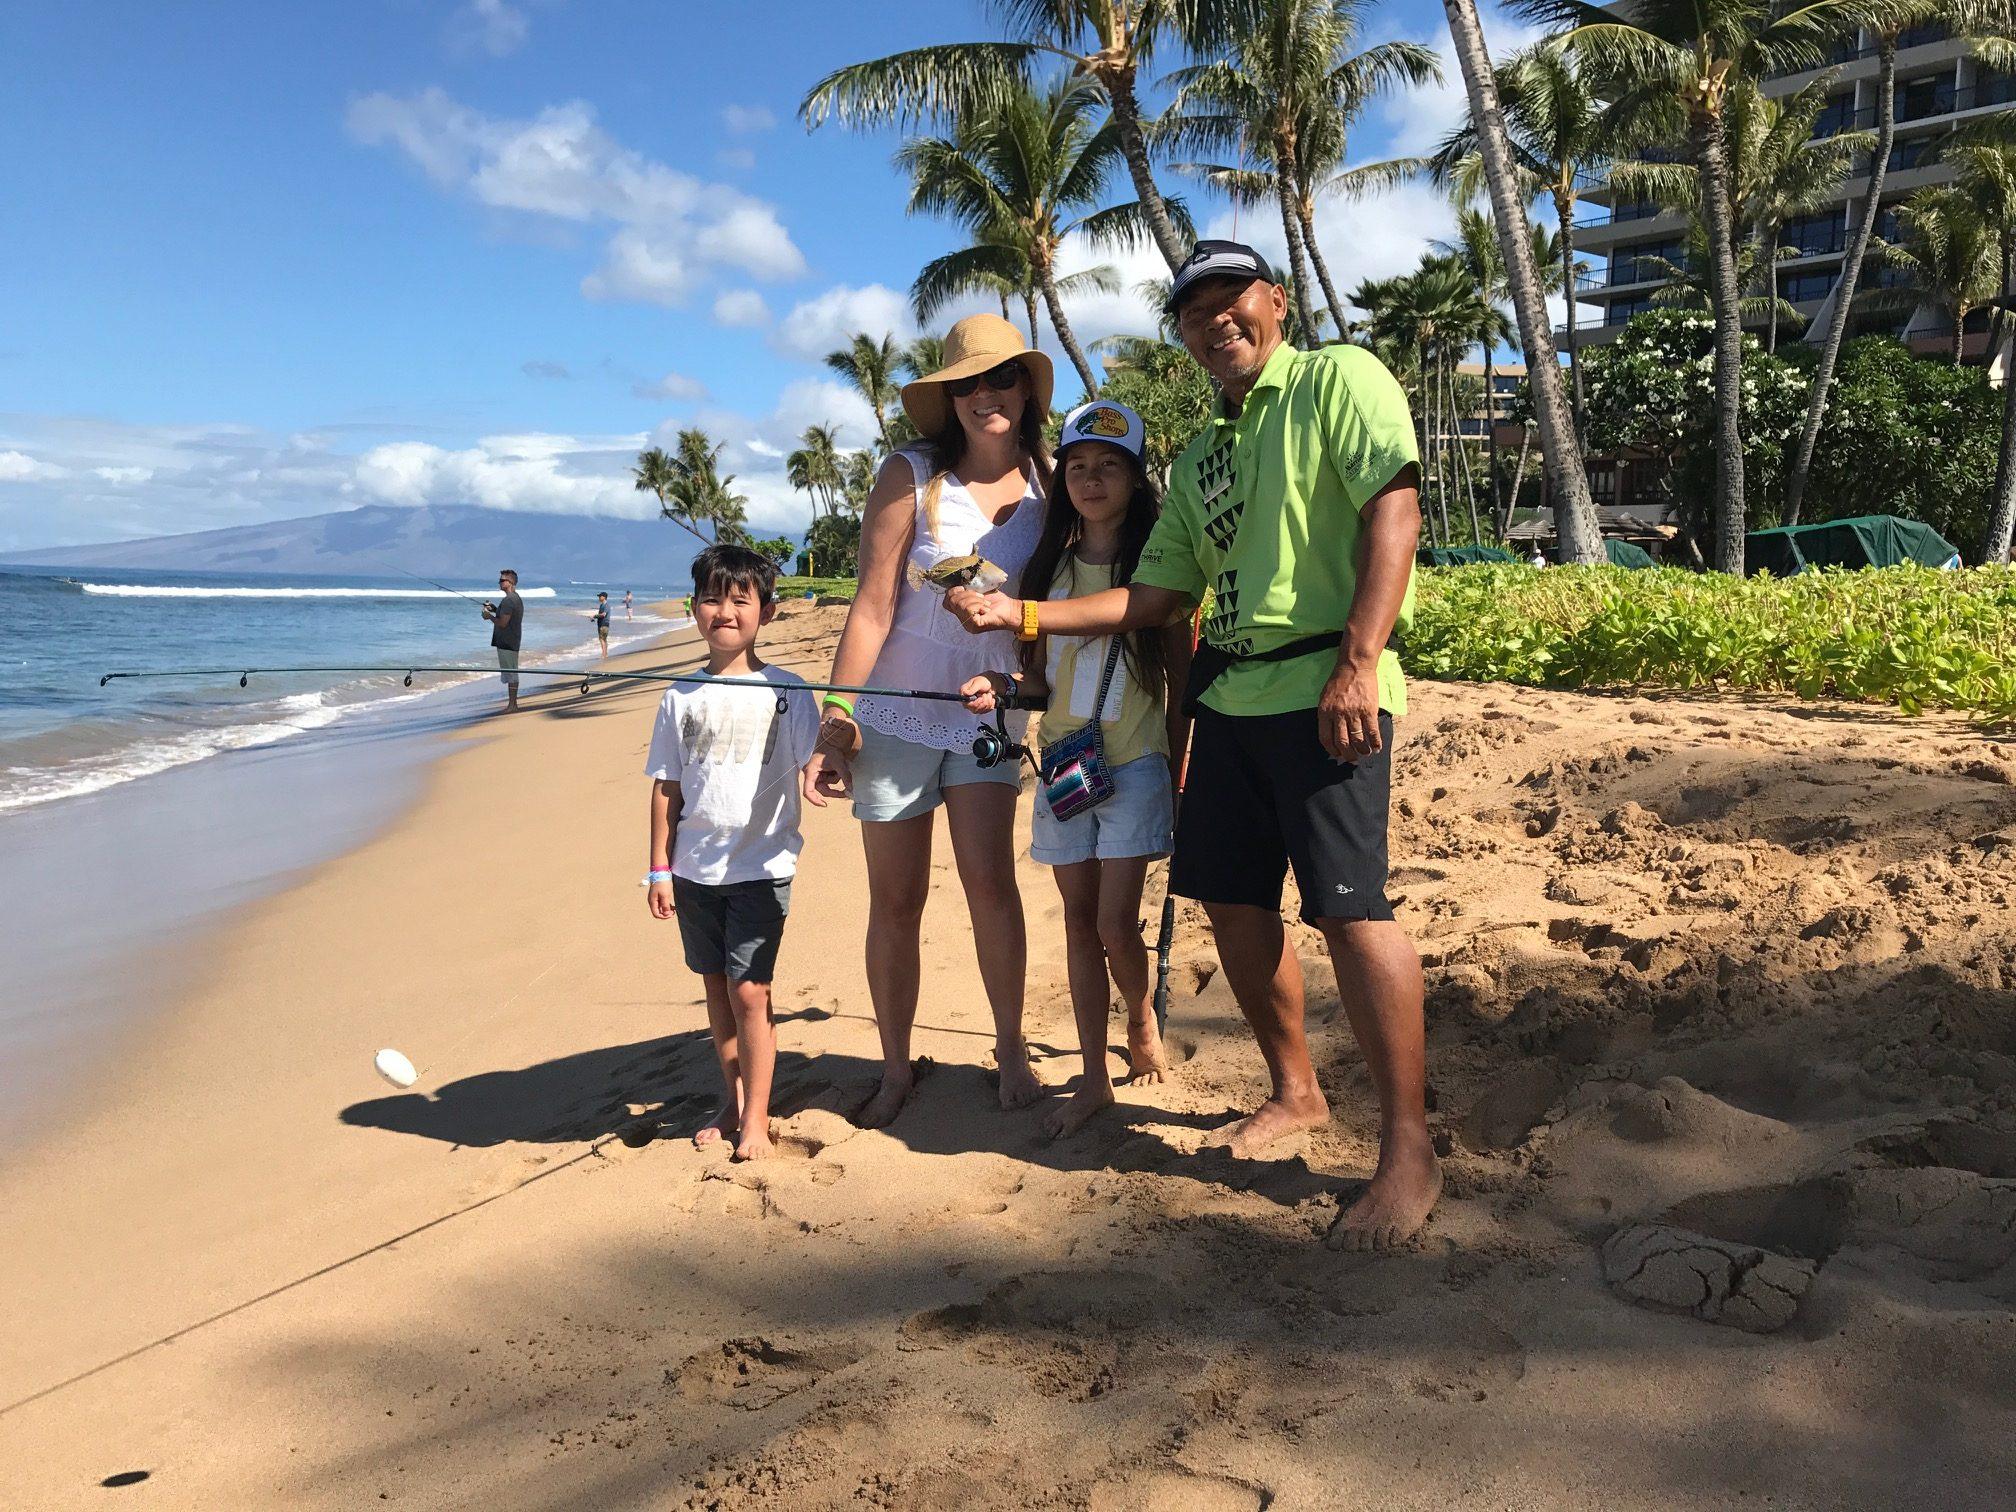 Experience Maui from Marriott's Maui Ocean Club - My Family